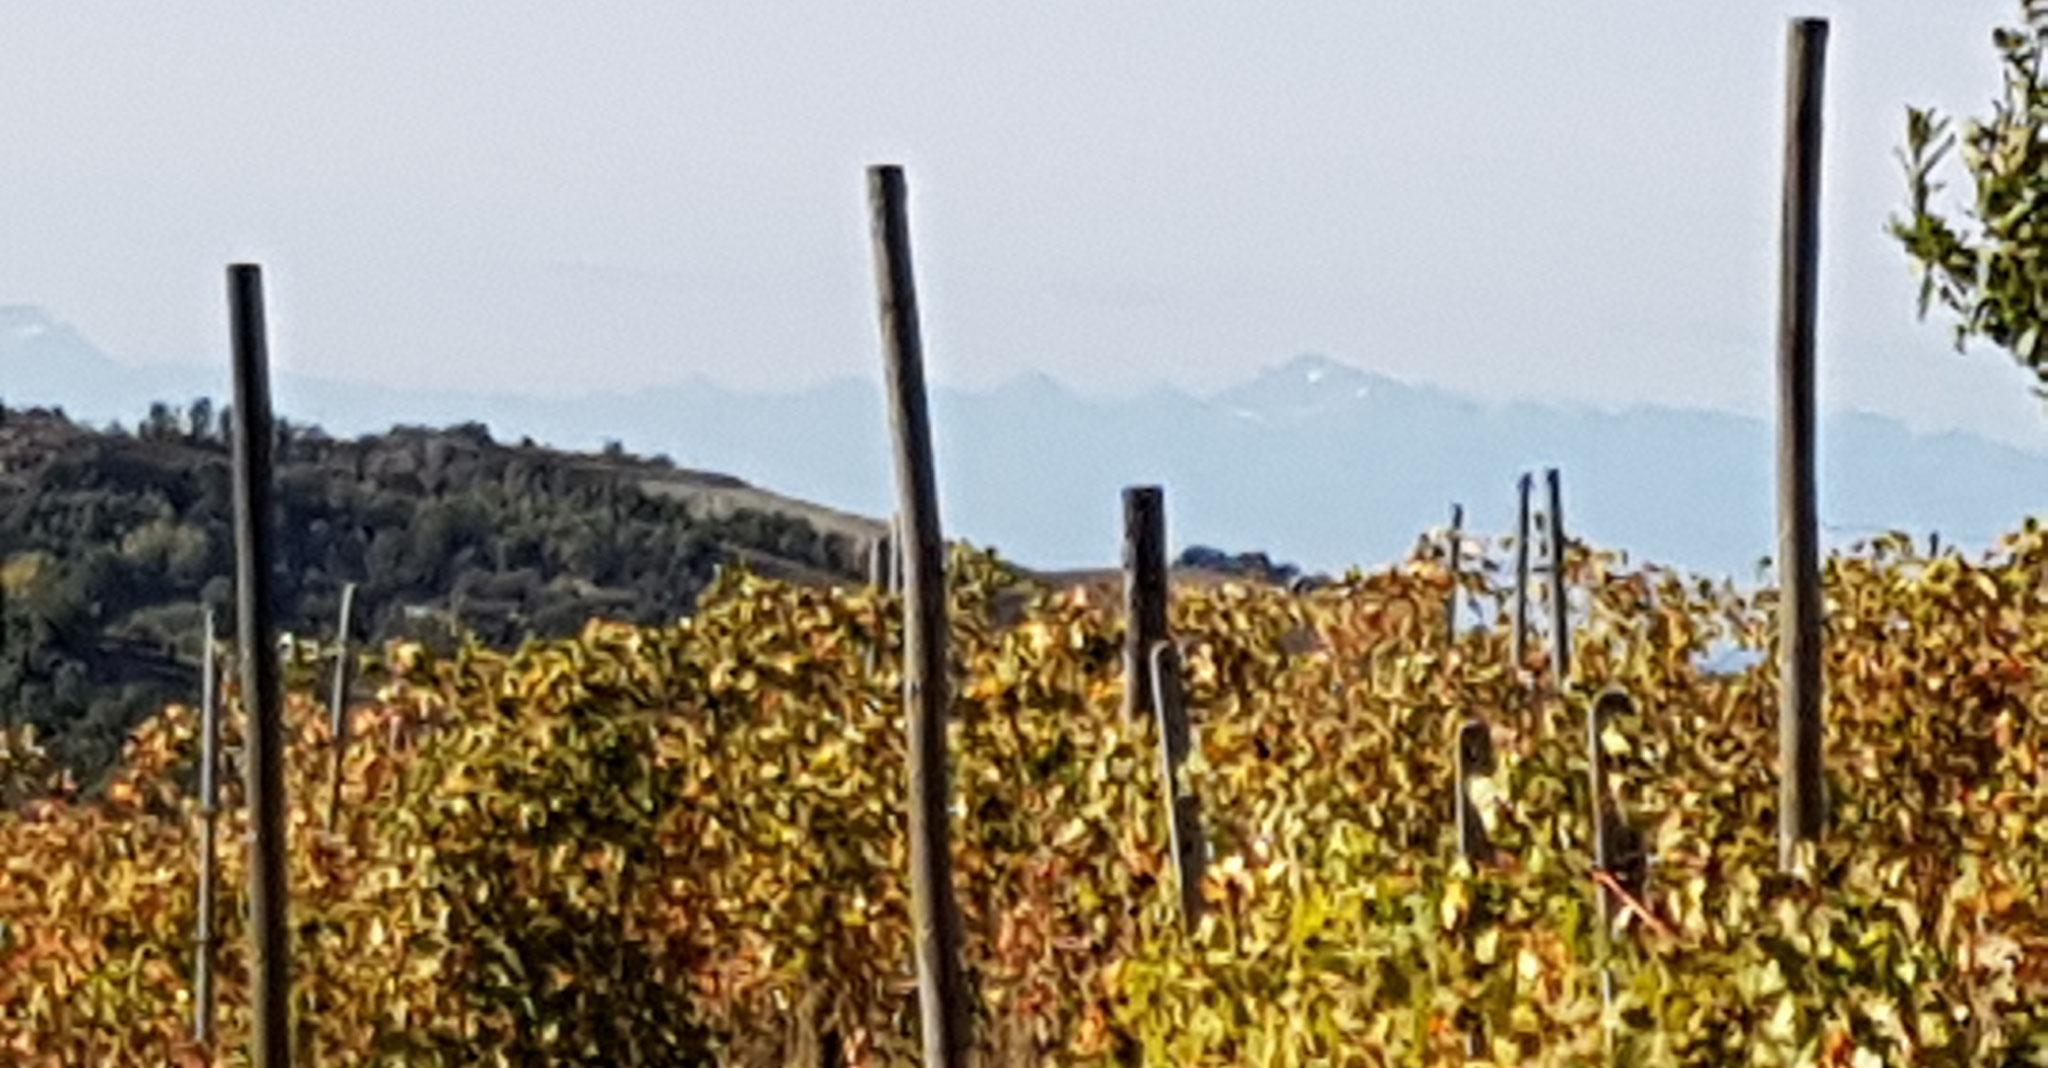 Ein Blick über die Reben in die Berge hinein.